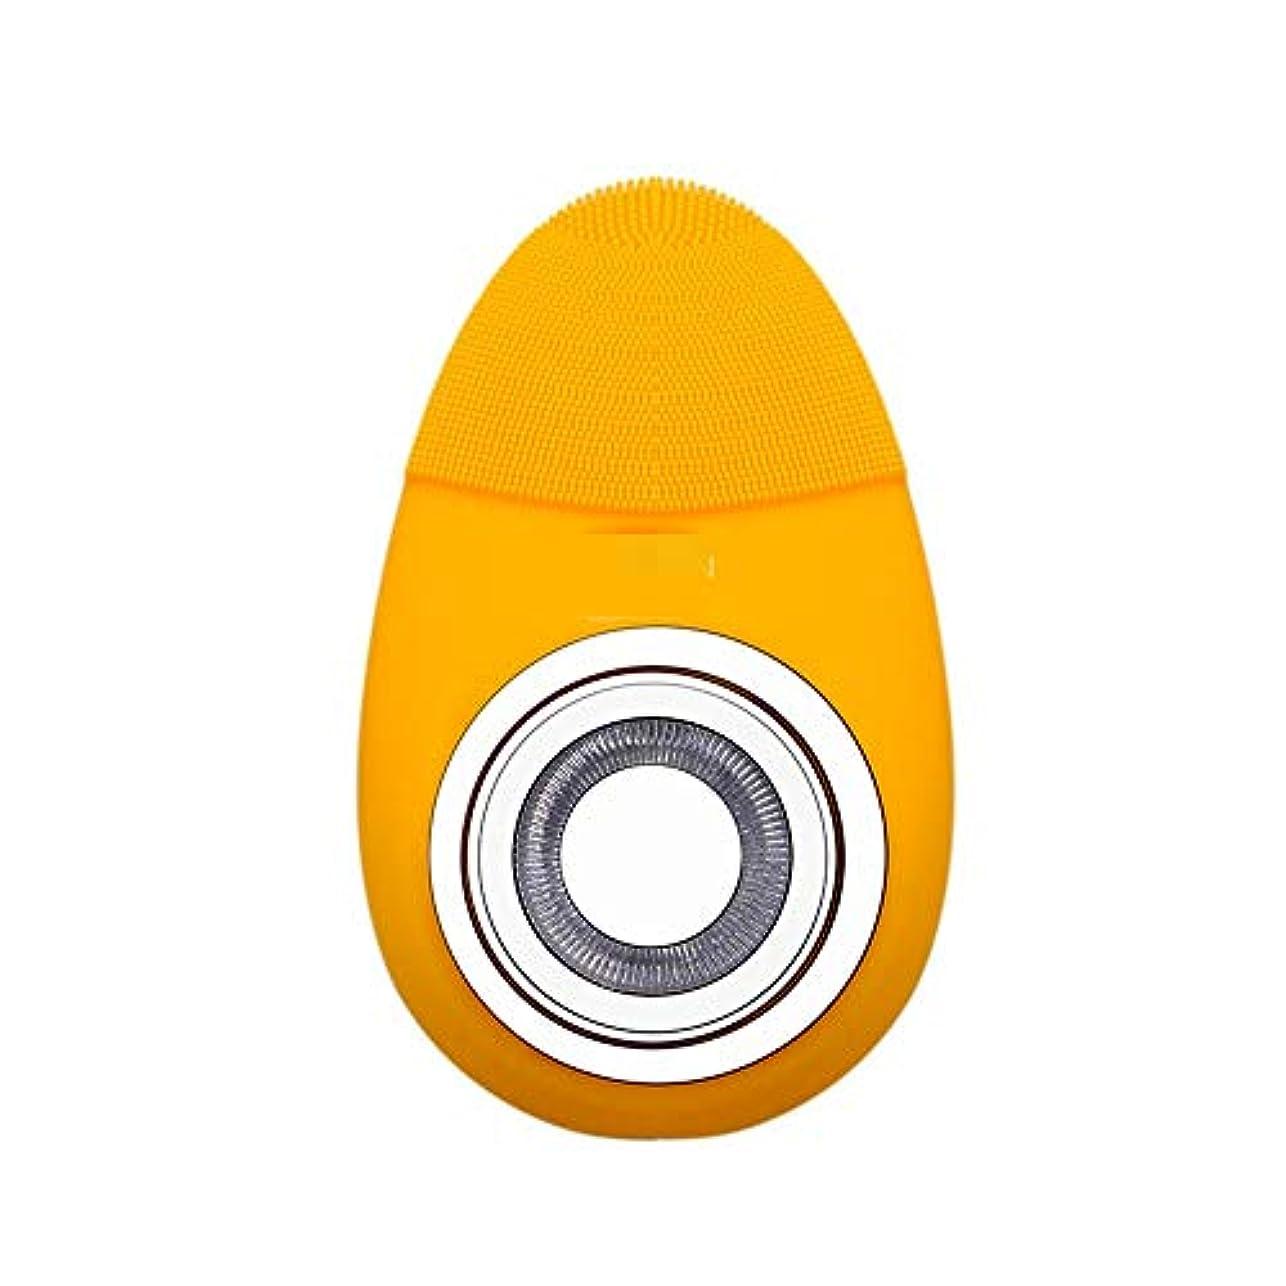 赤ちゃんアメリカクリスチャンLYgMV 多機能電気恒温シリコーンクレンジング楽器赤灯肌清潔毛穴クリーナー輸入機器美容機器 (Color : Yellow)